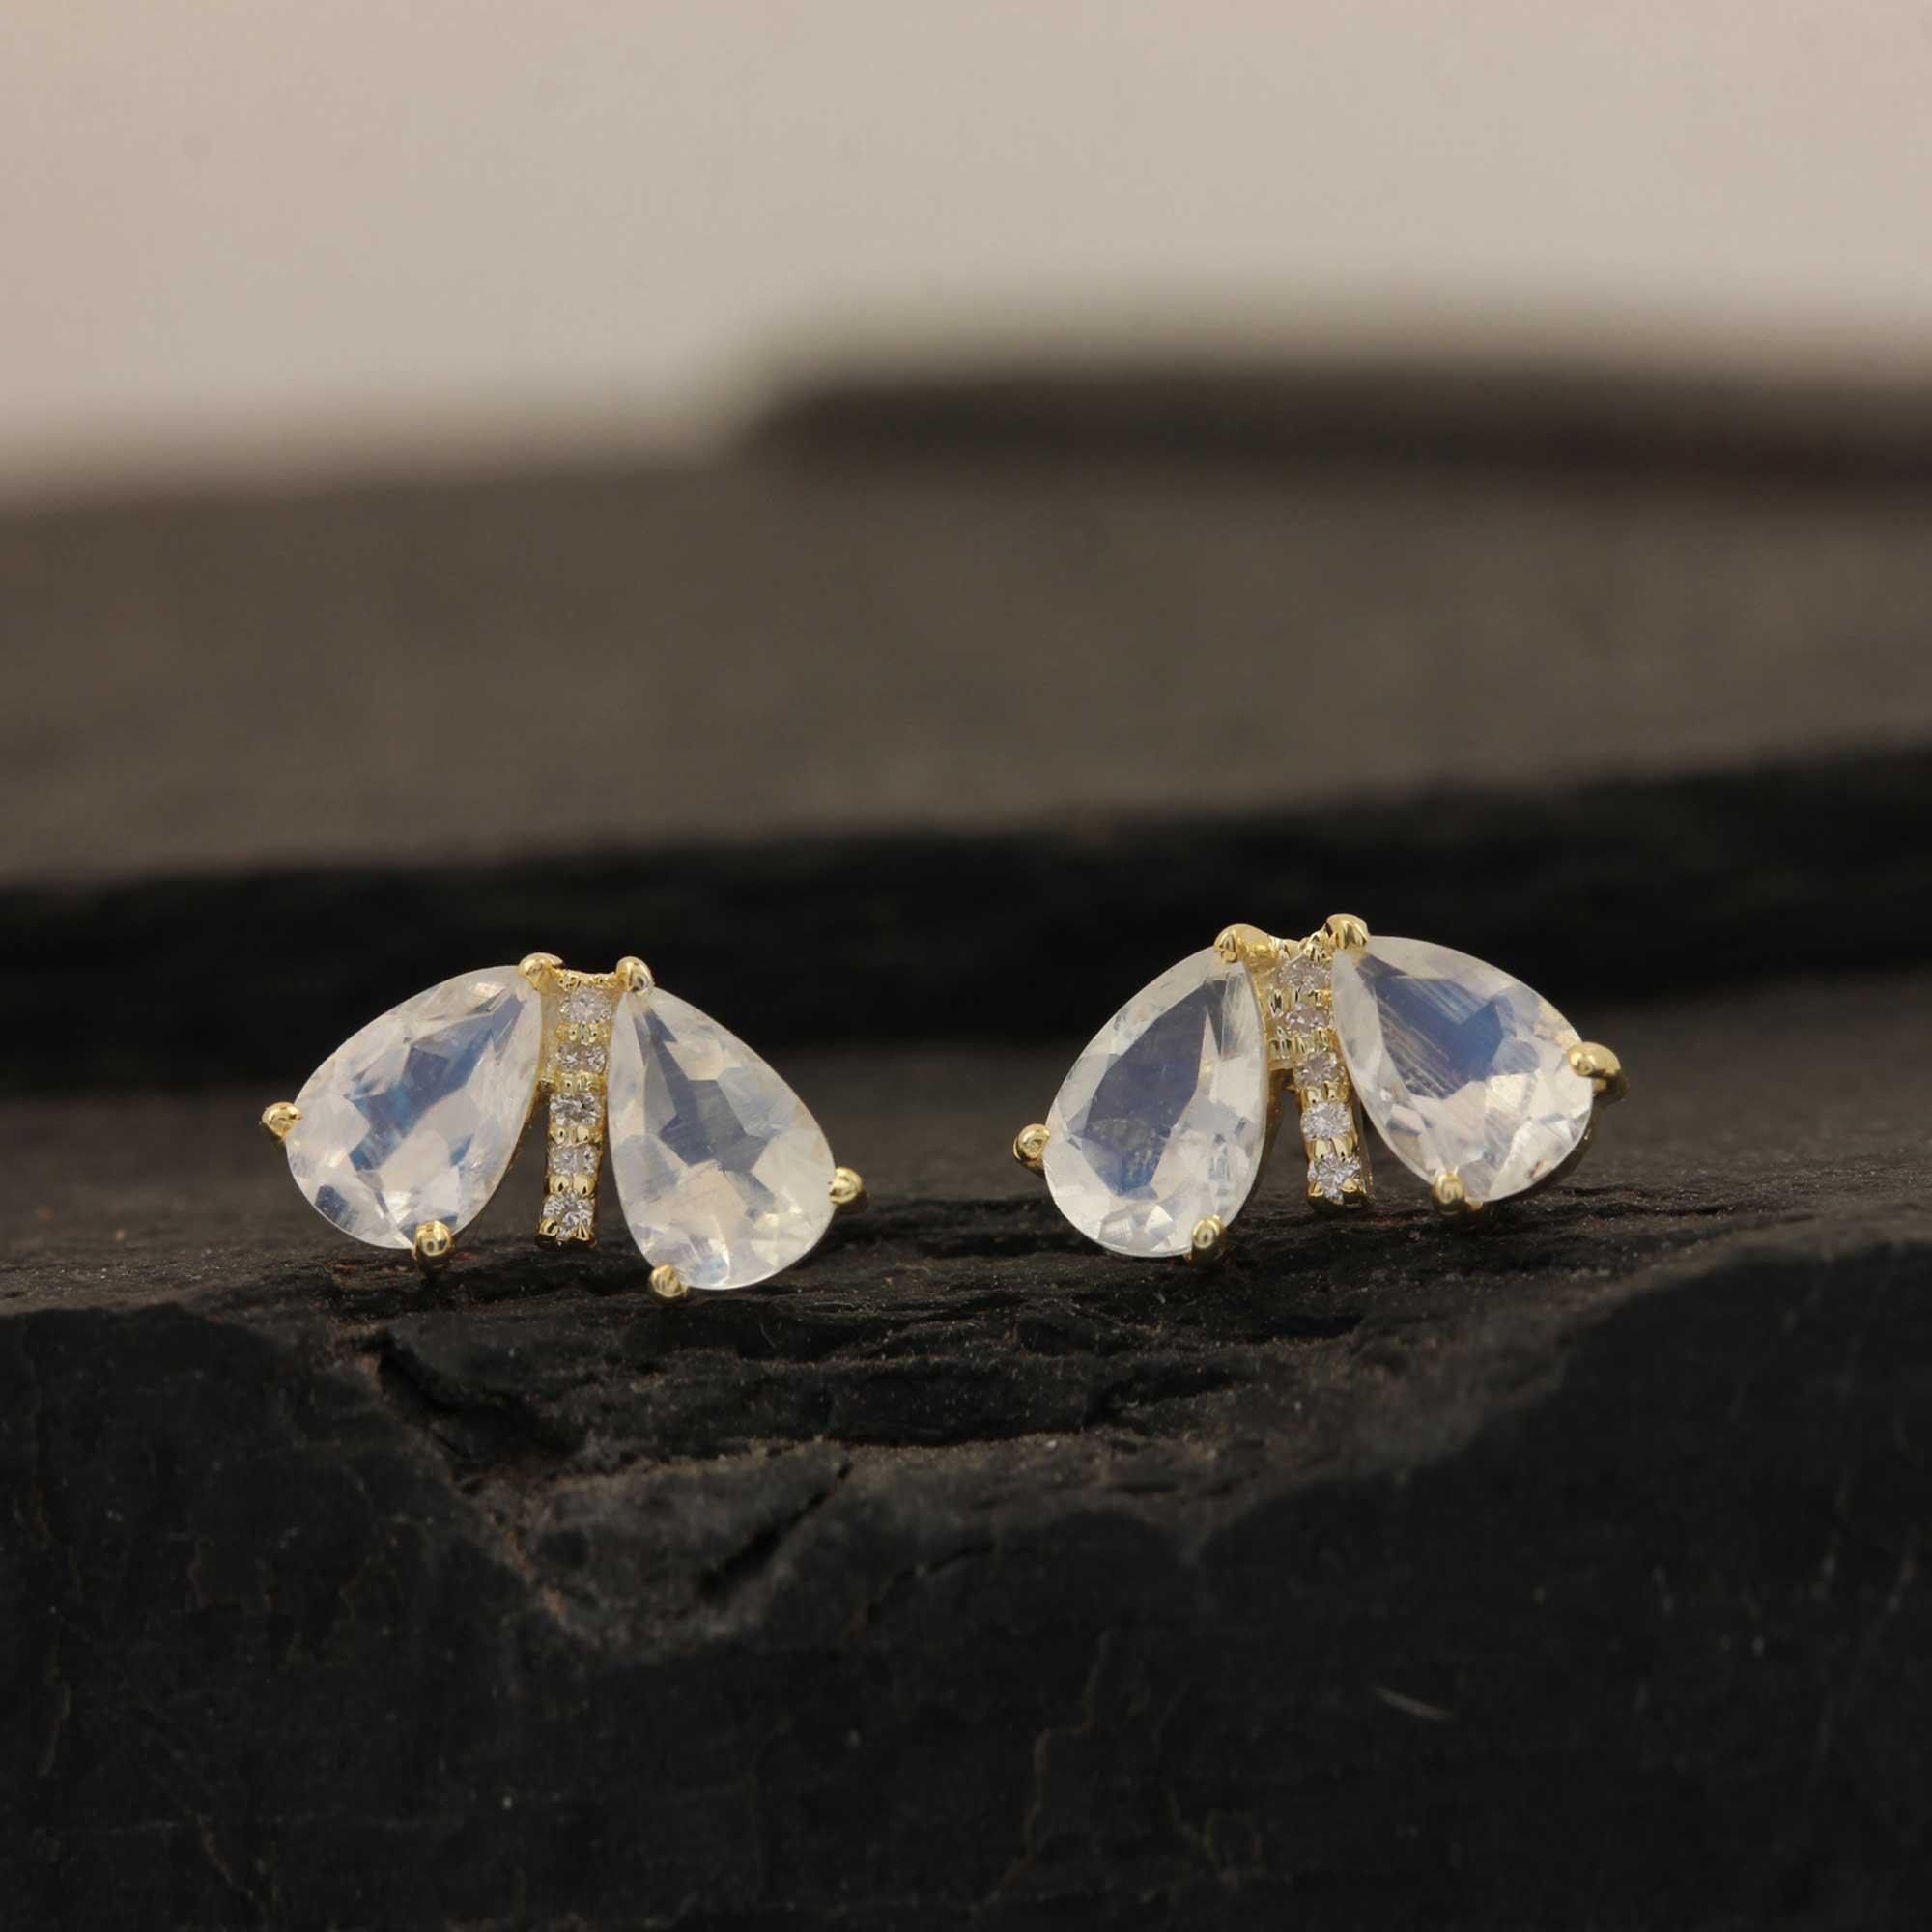 Solid 14k Gold Diamond Natural 1.38ct Rainbow Moonstone Stud Earrings